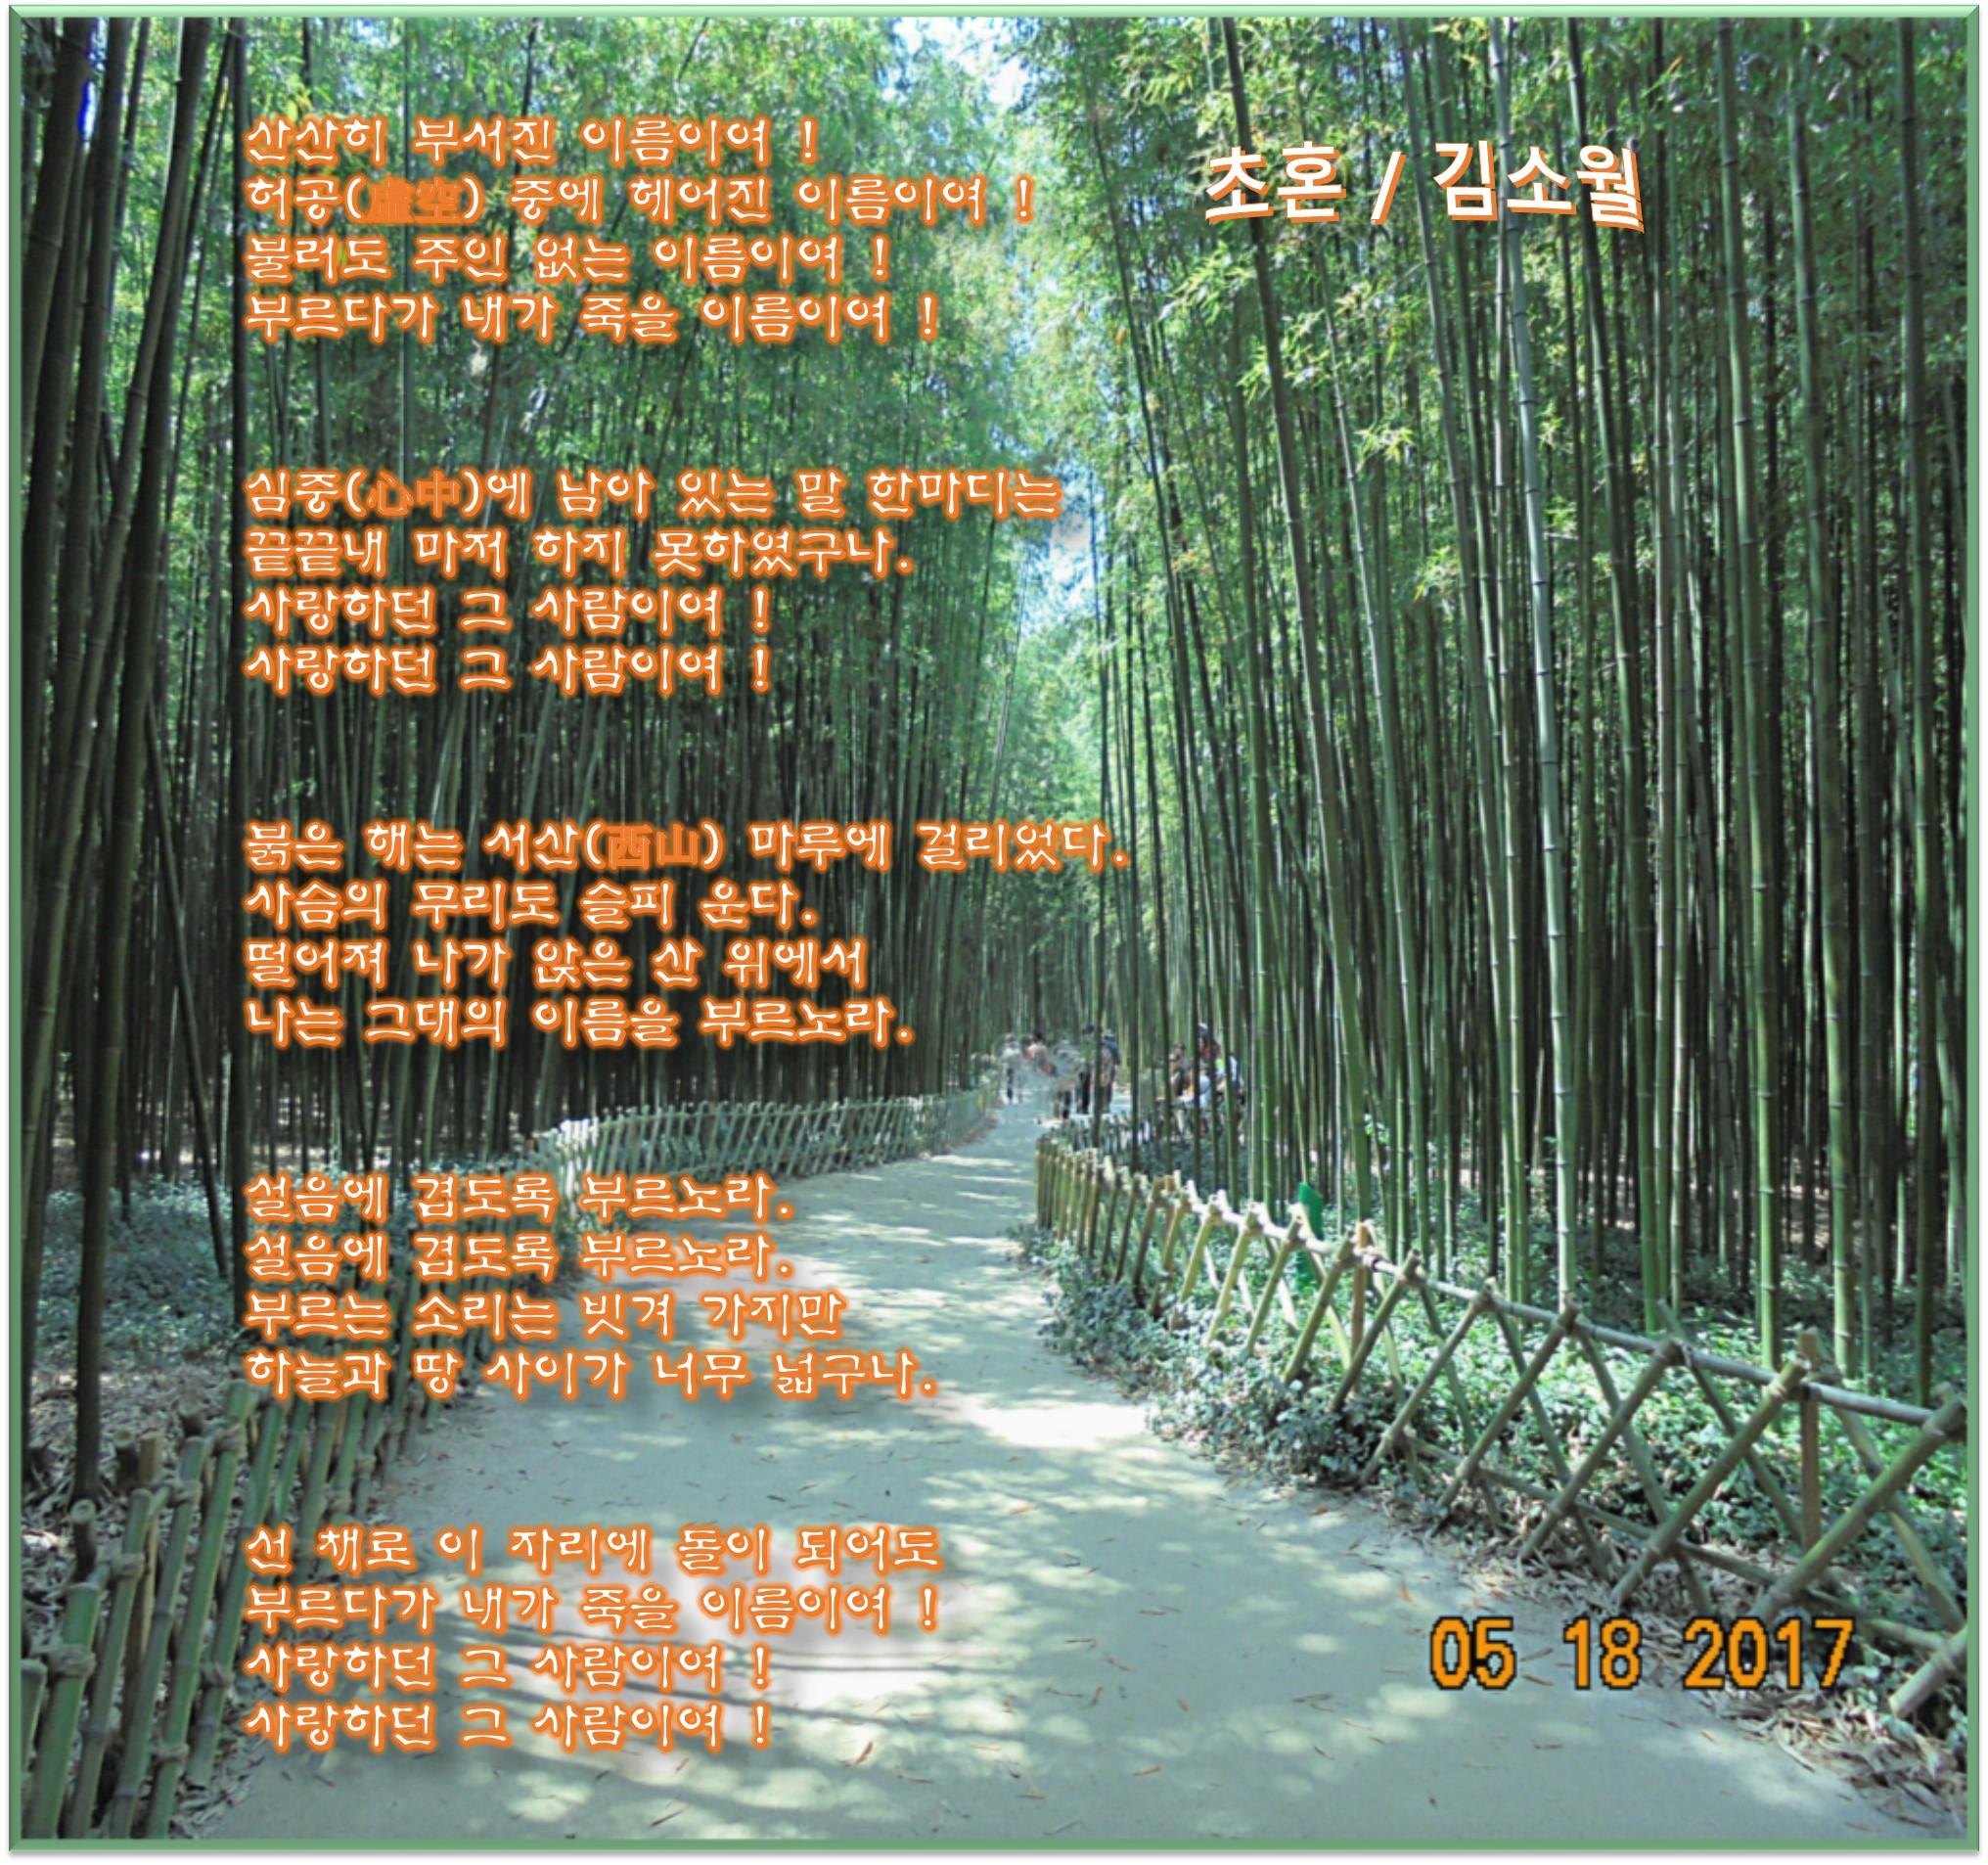 이 글은 파워포인트에서 만든 이미지입니다. 초혼 / 김소월